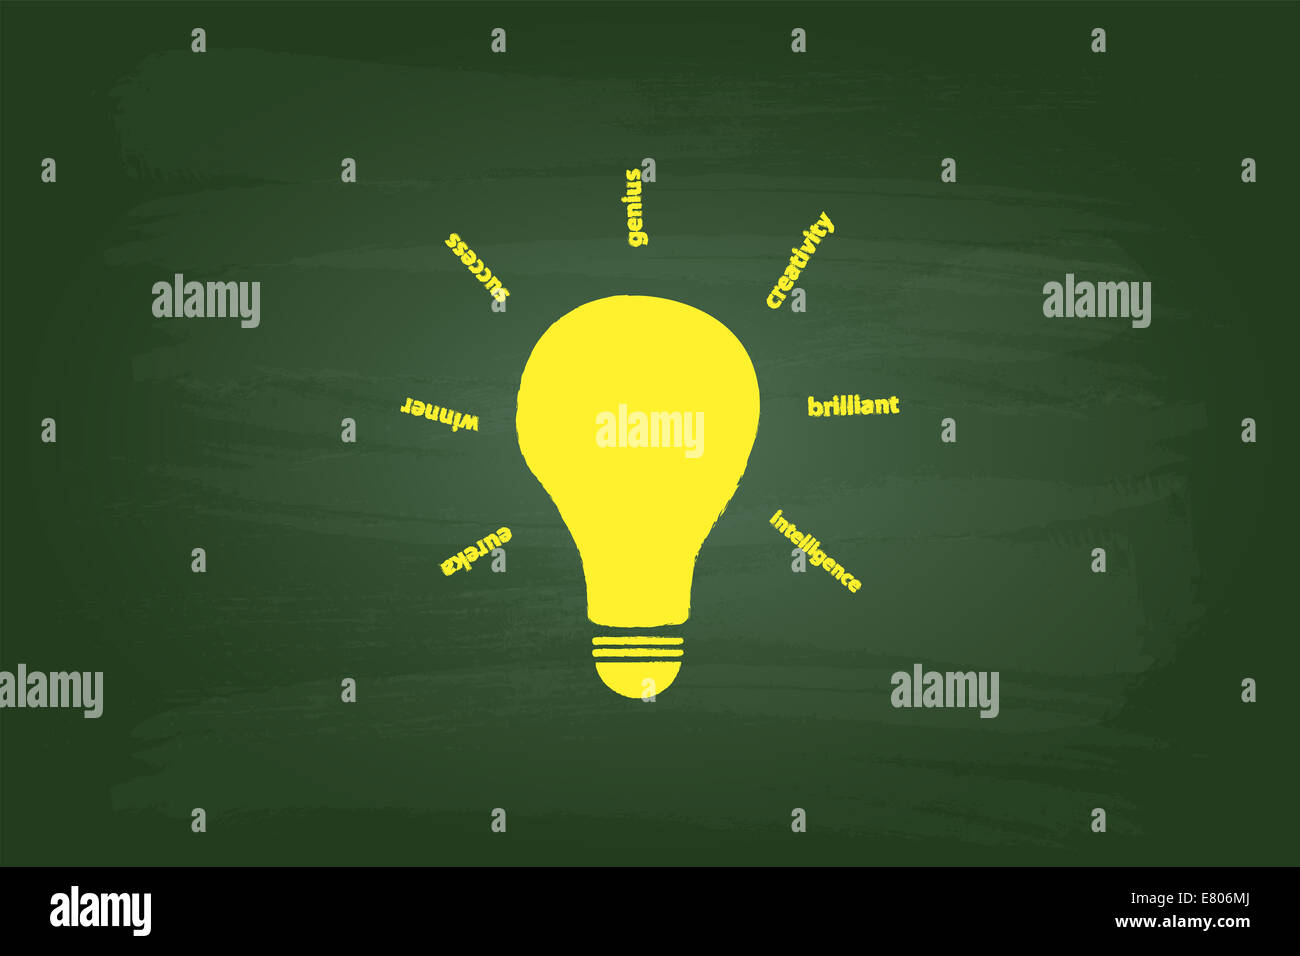 Beste Idee Glühbirne Konzept an grüne Tafel Stockfoto